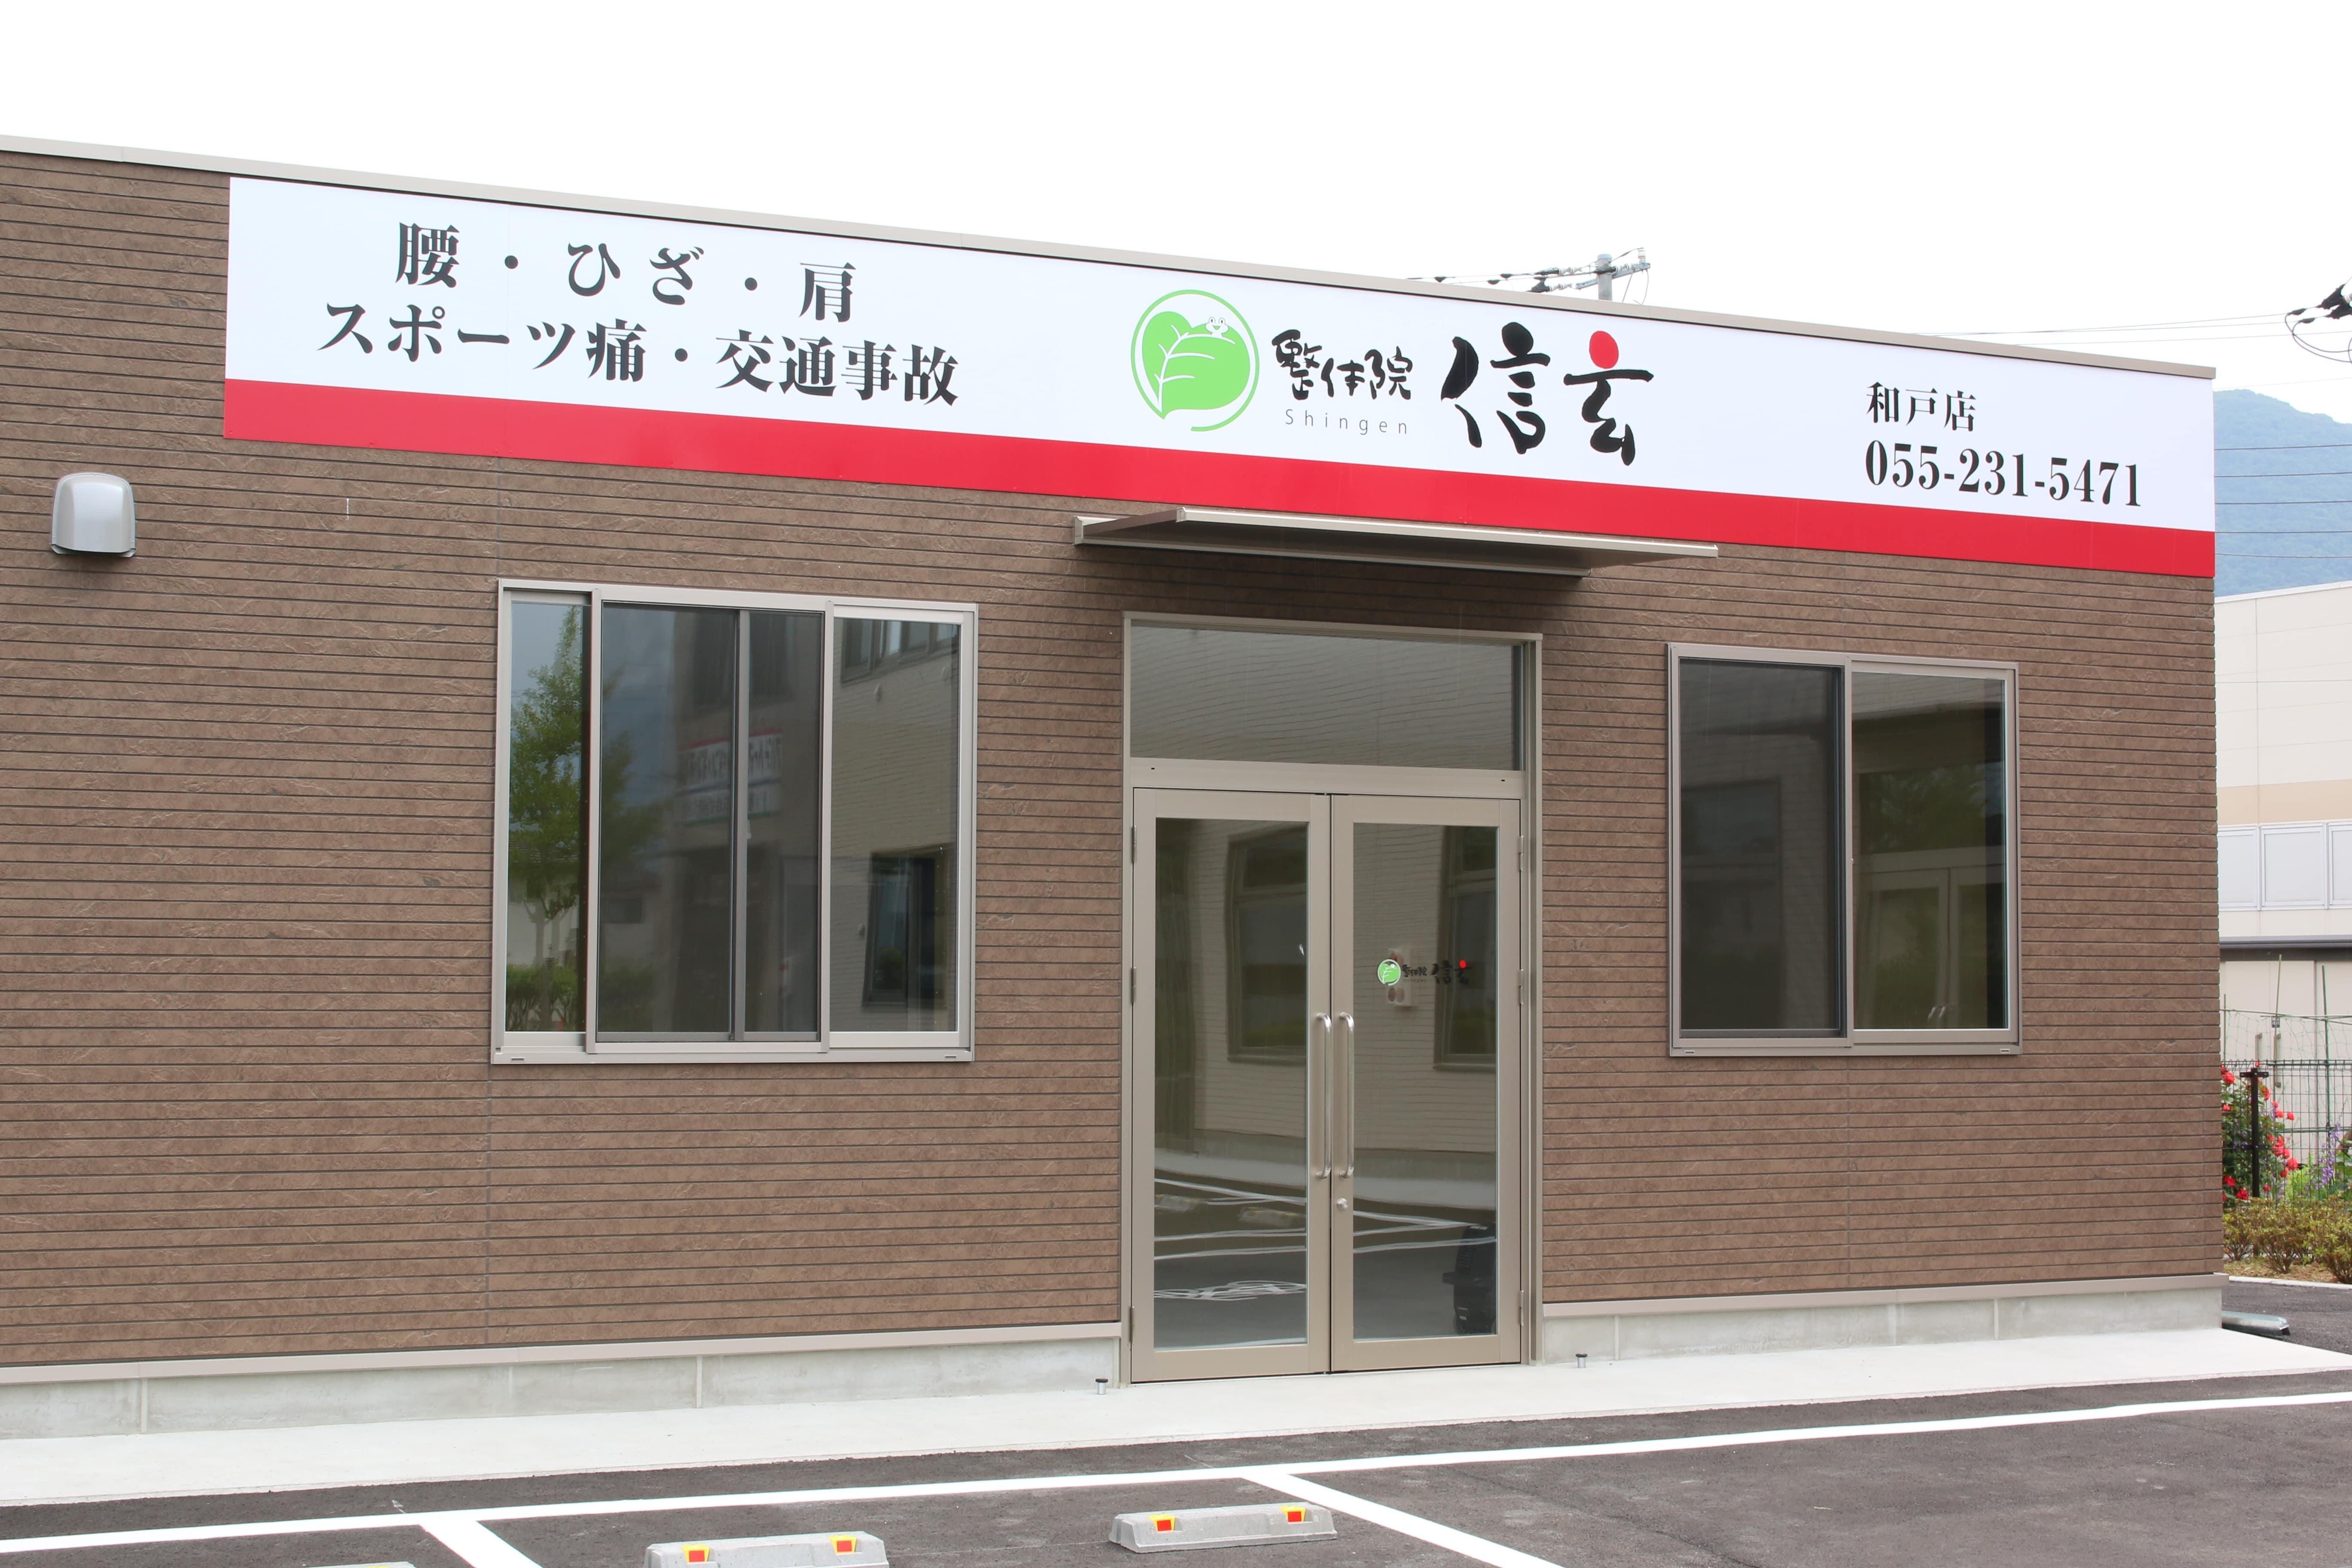 甲府和戸店の外観写真